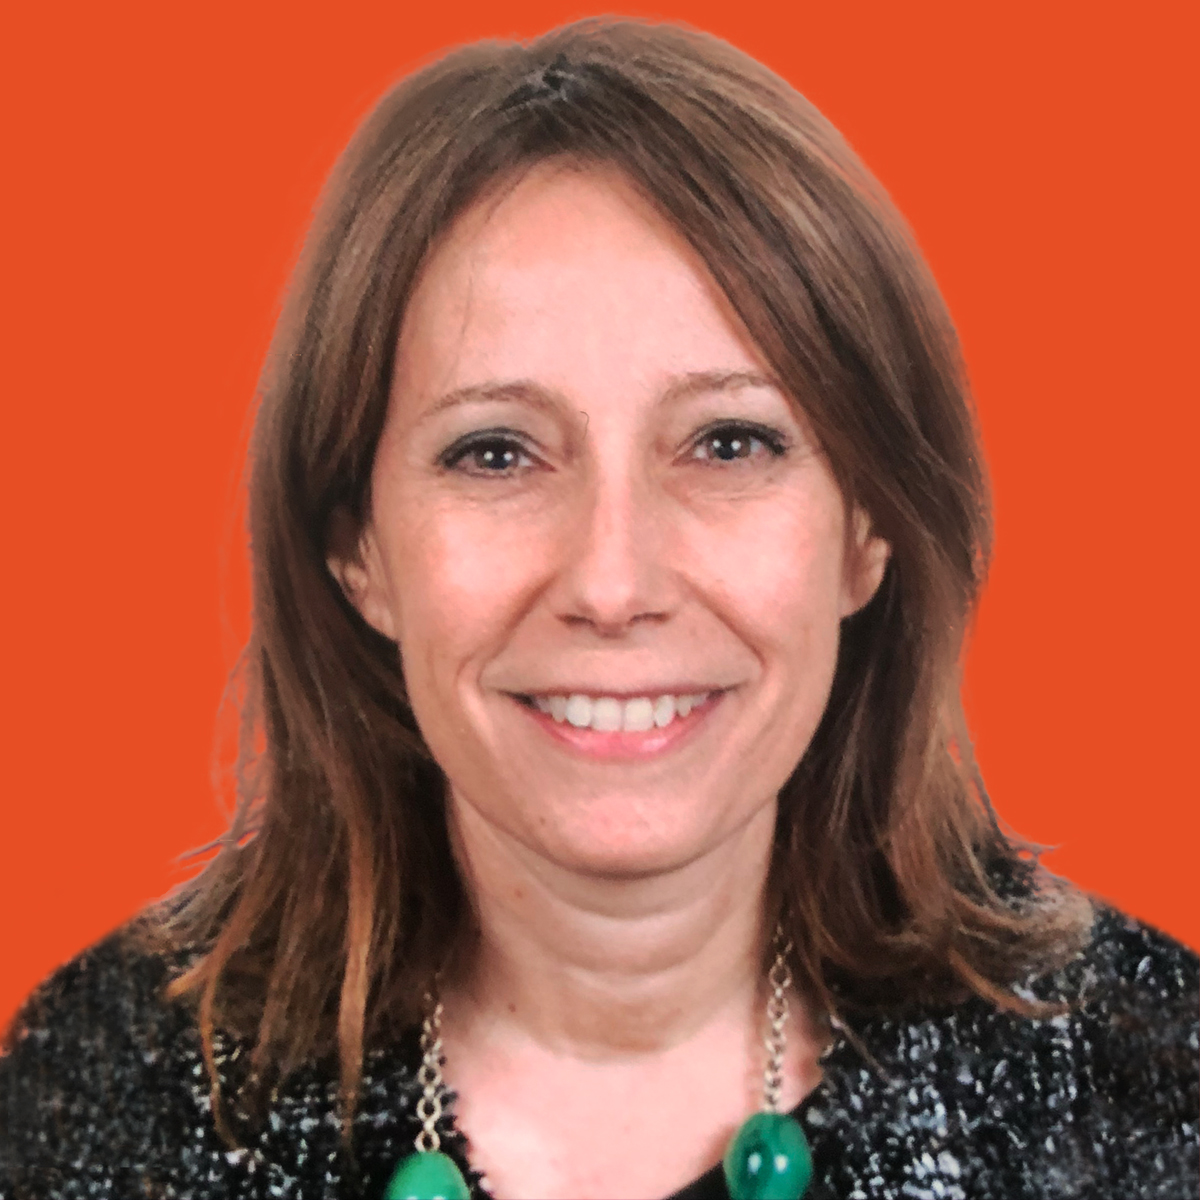 Cristina Onori